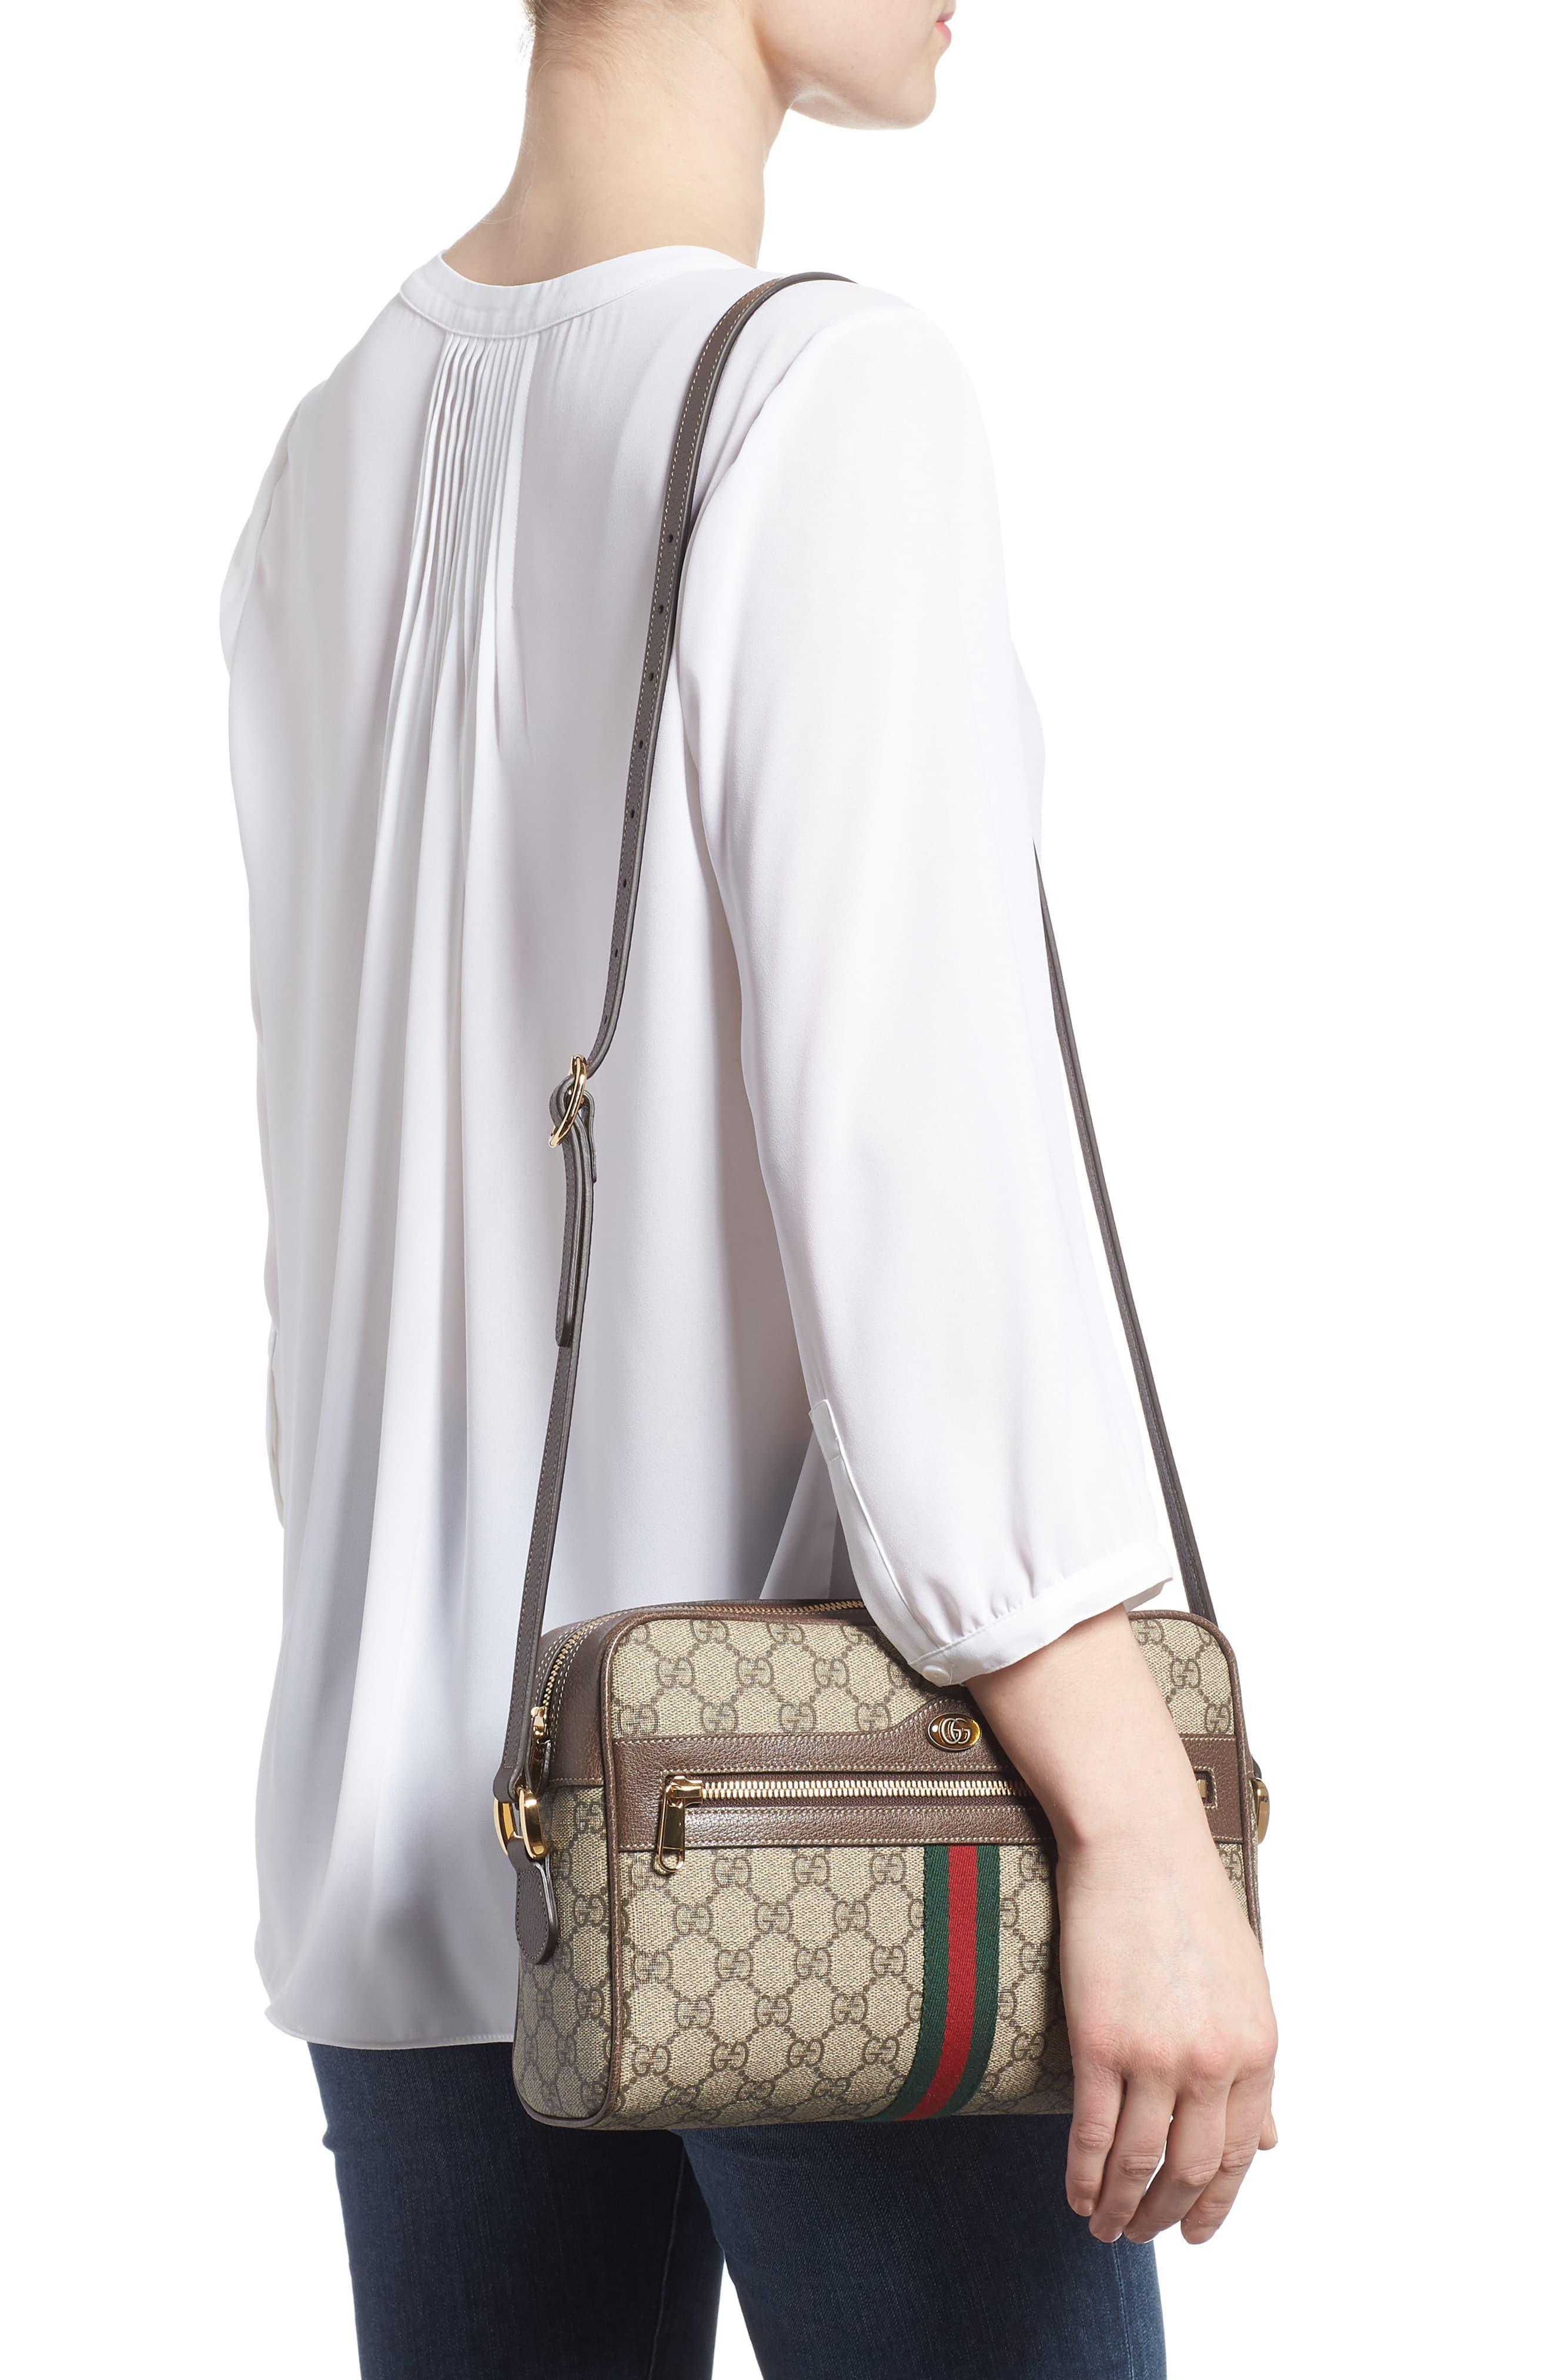 9a75d9e32 Gucci - Multicolor Ophidia Gg Supreme Canvas Crossbody Bag - - Lyst. View  fullscreen